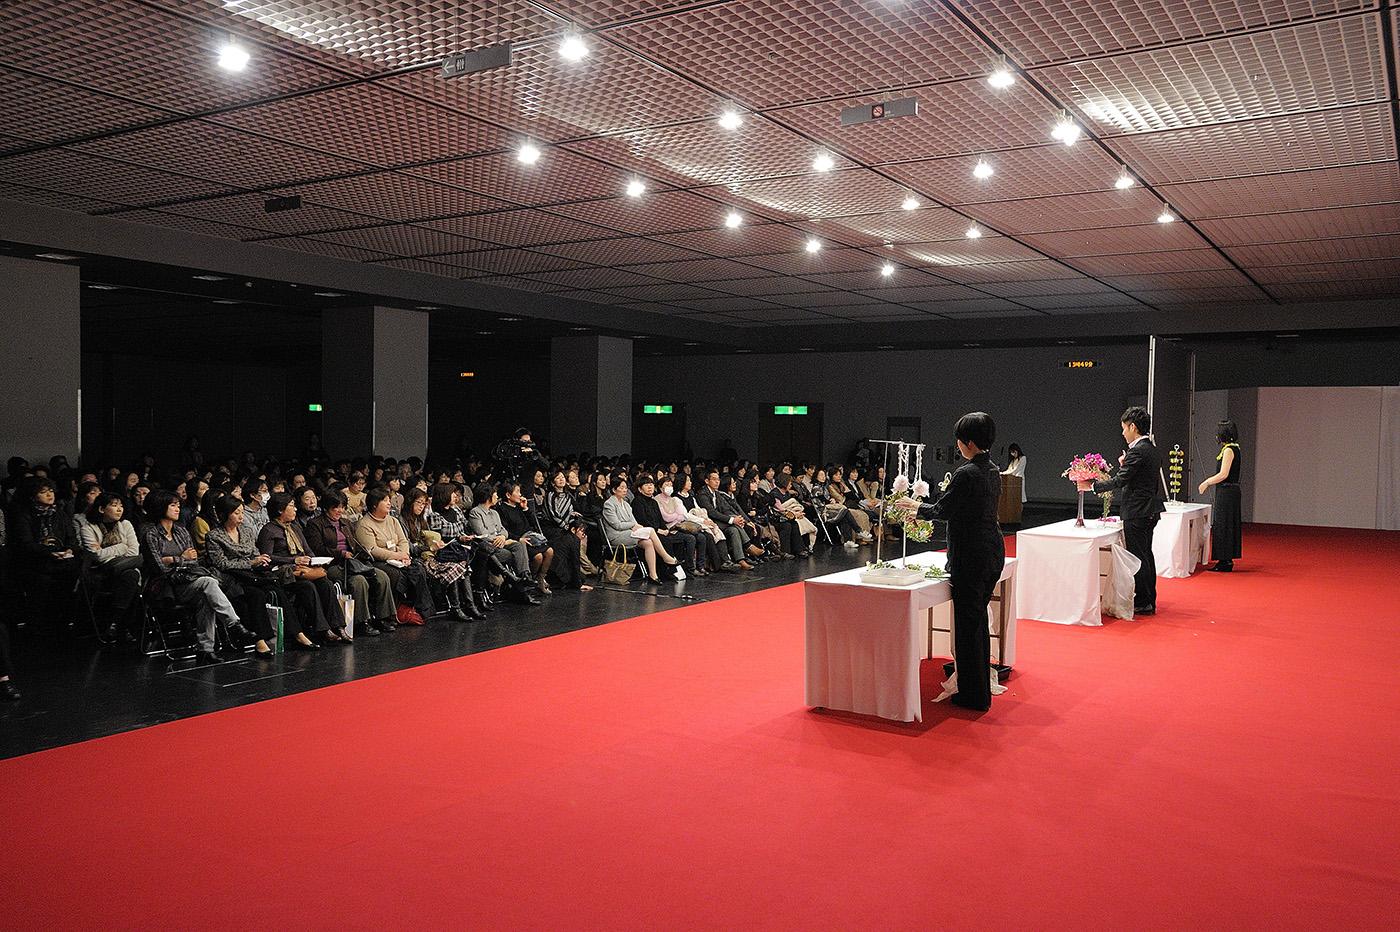 「日本フラワーデザイン大賞2011」でのデモンストレーション風景